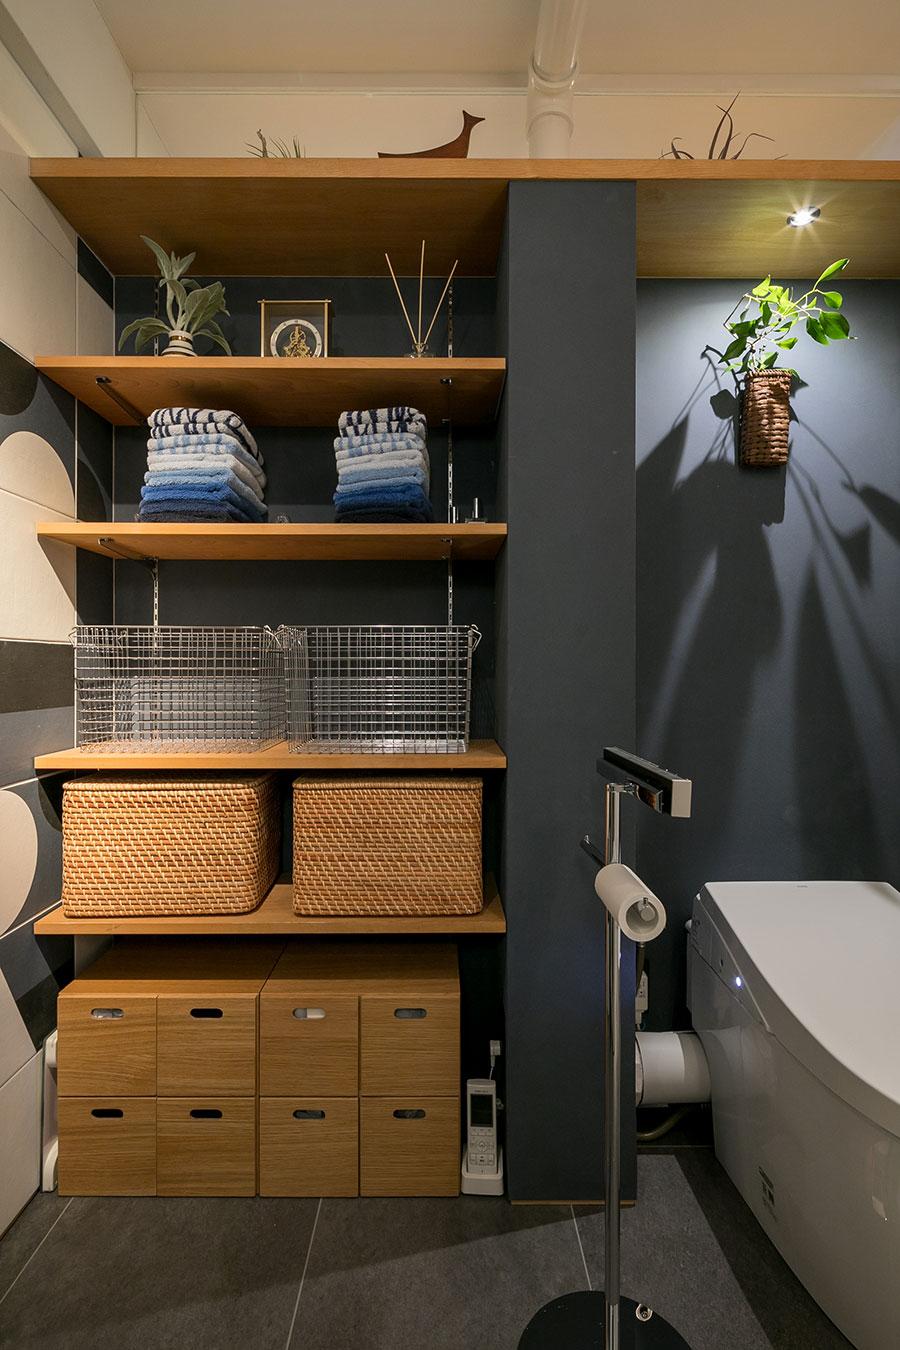 カゴを使った脱衣所の収納。トイレのスティックリモコンがさりげなく空間を分けている。